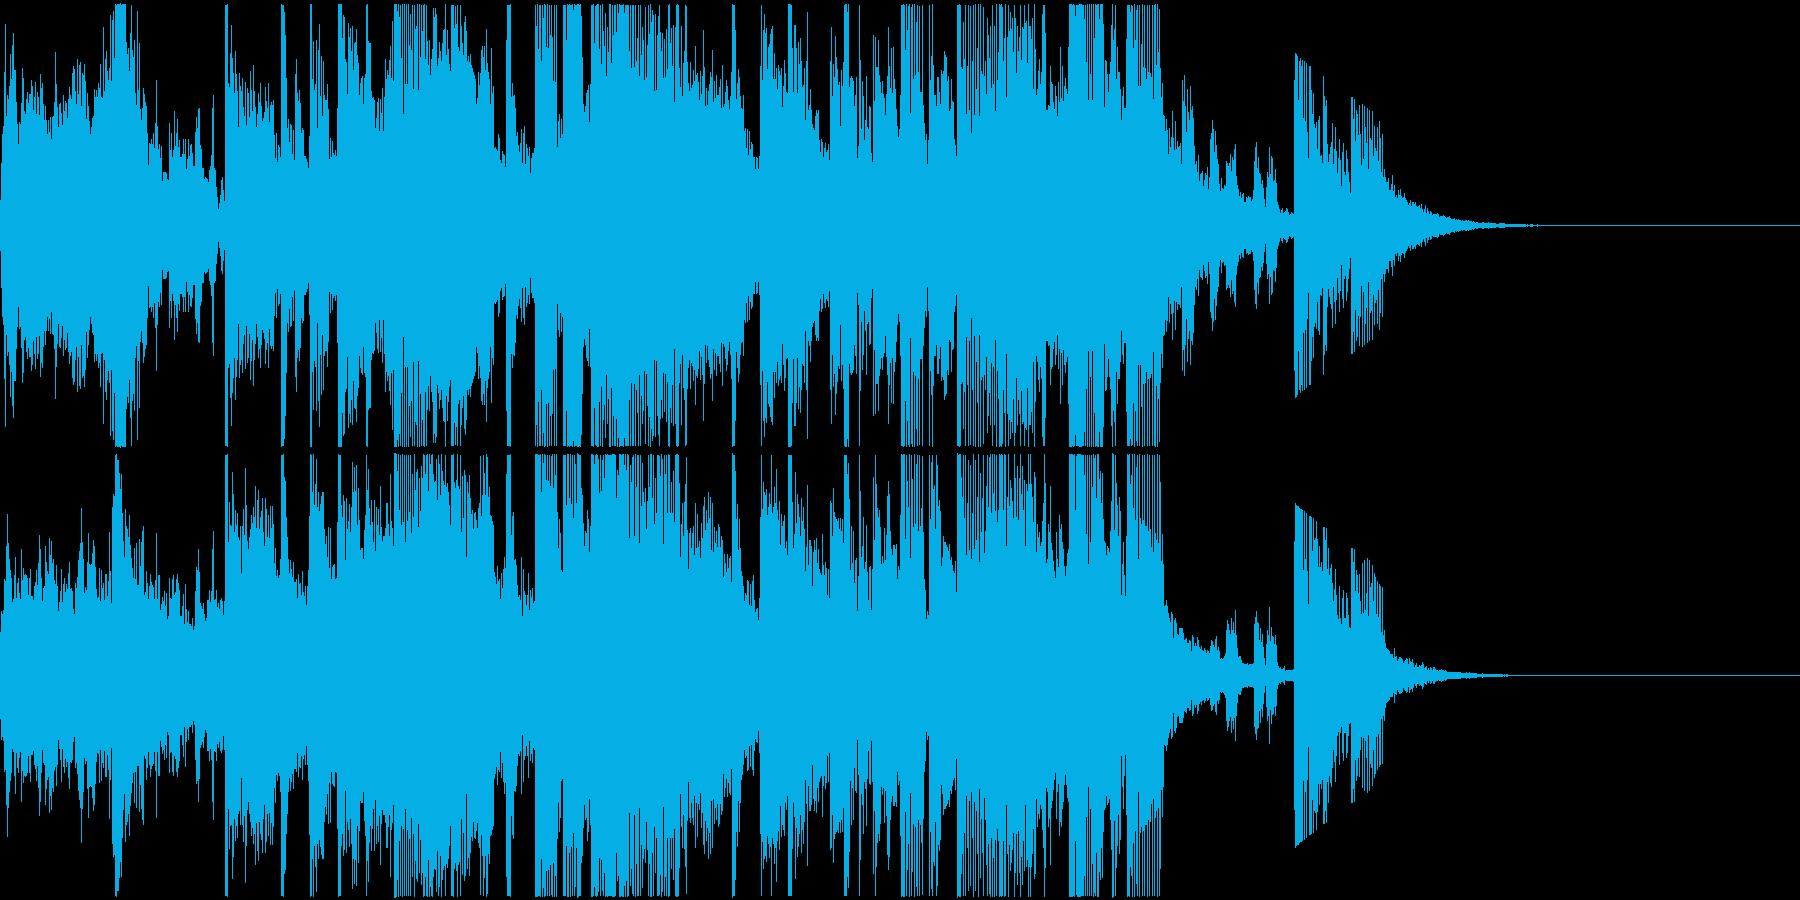 前向き!ファンキーでポップな15秒SEの再生済みの波形